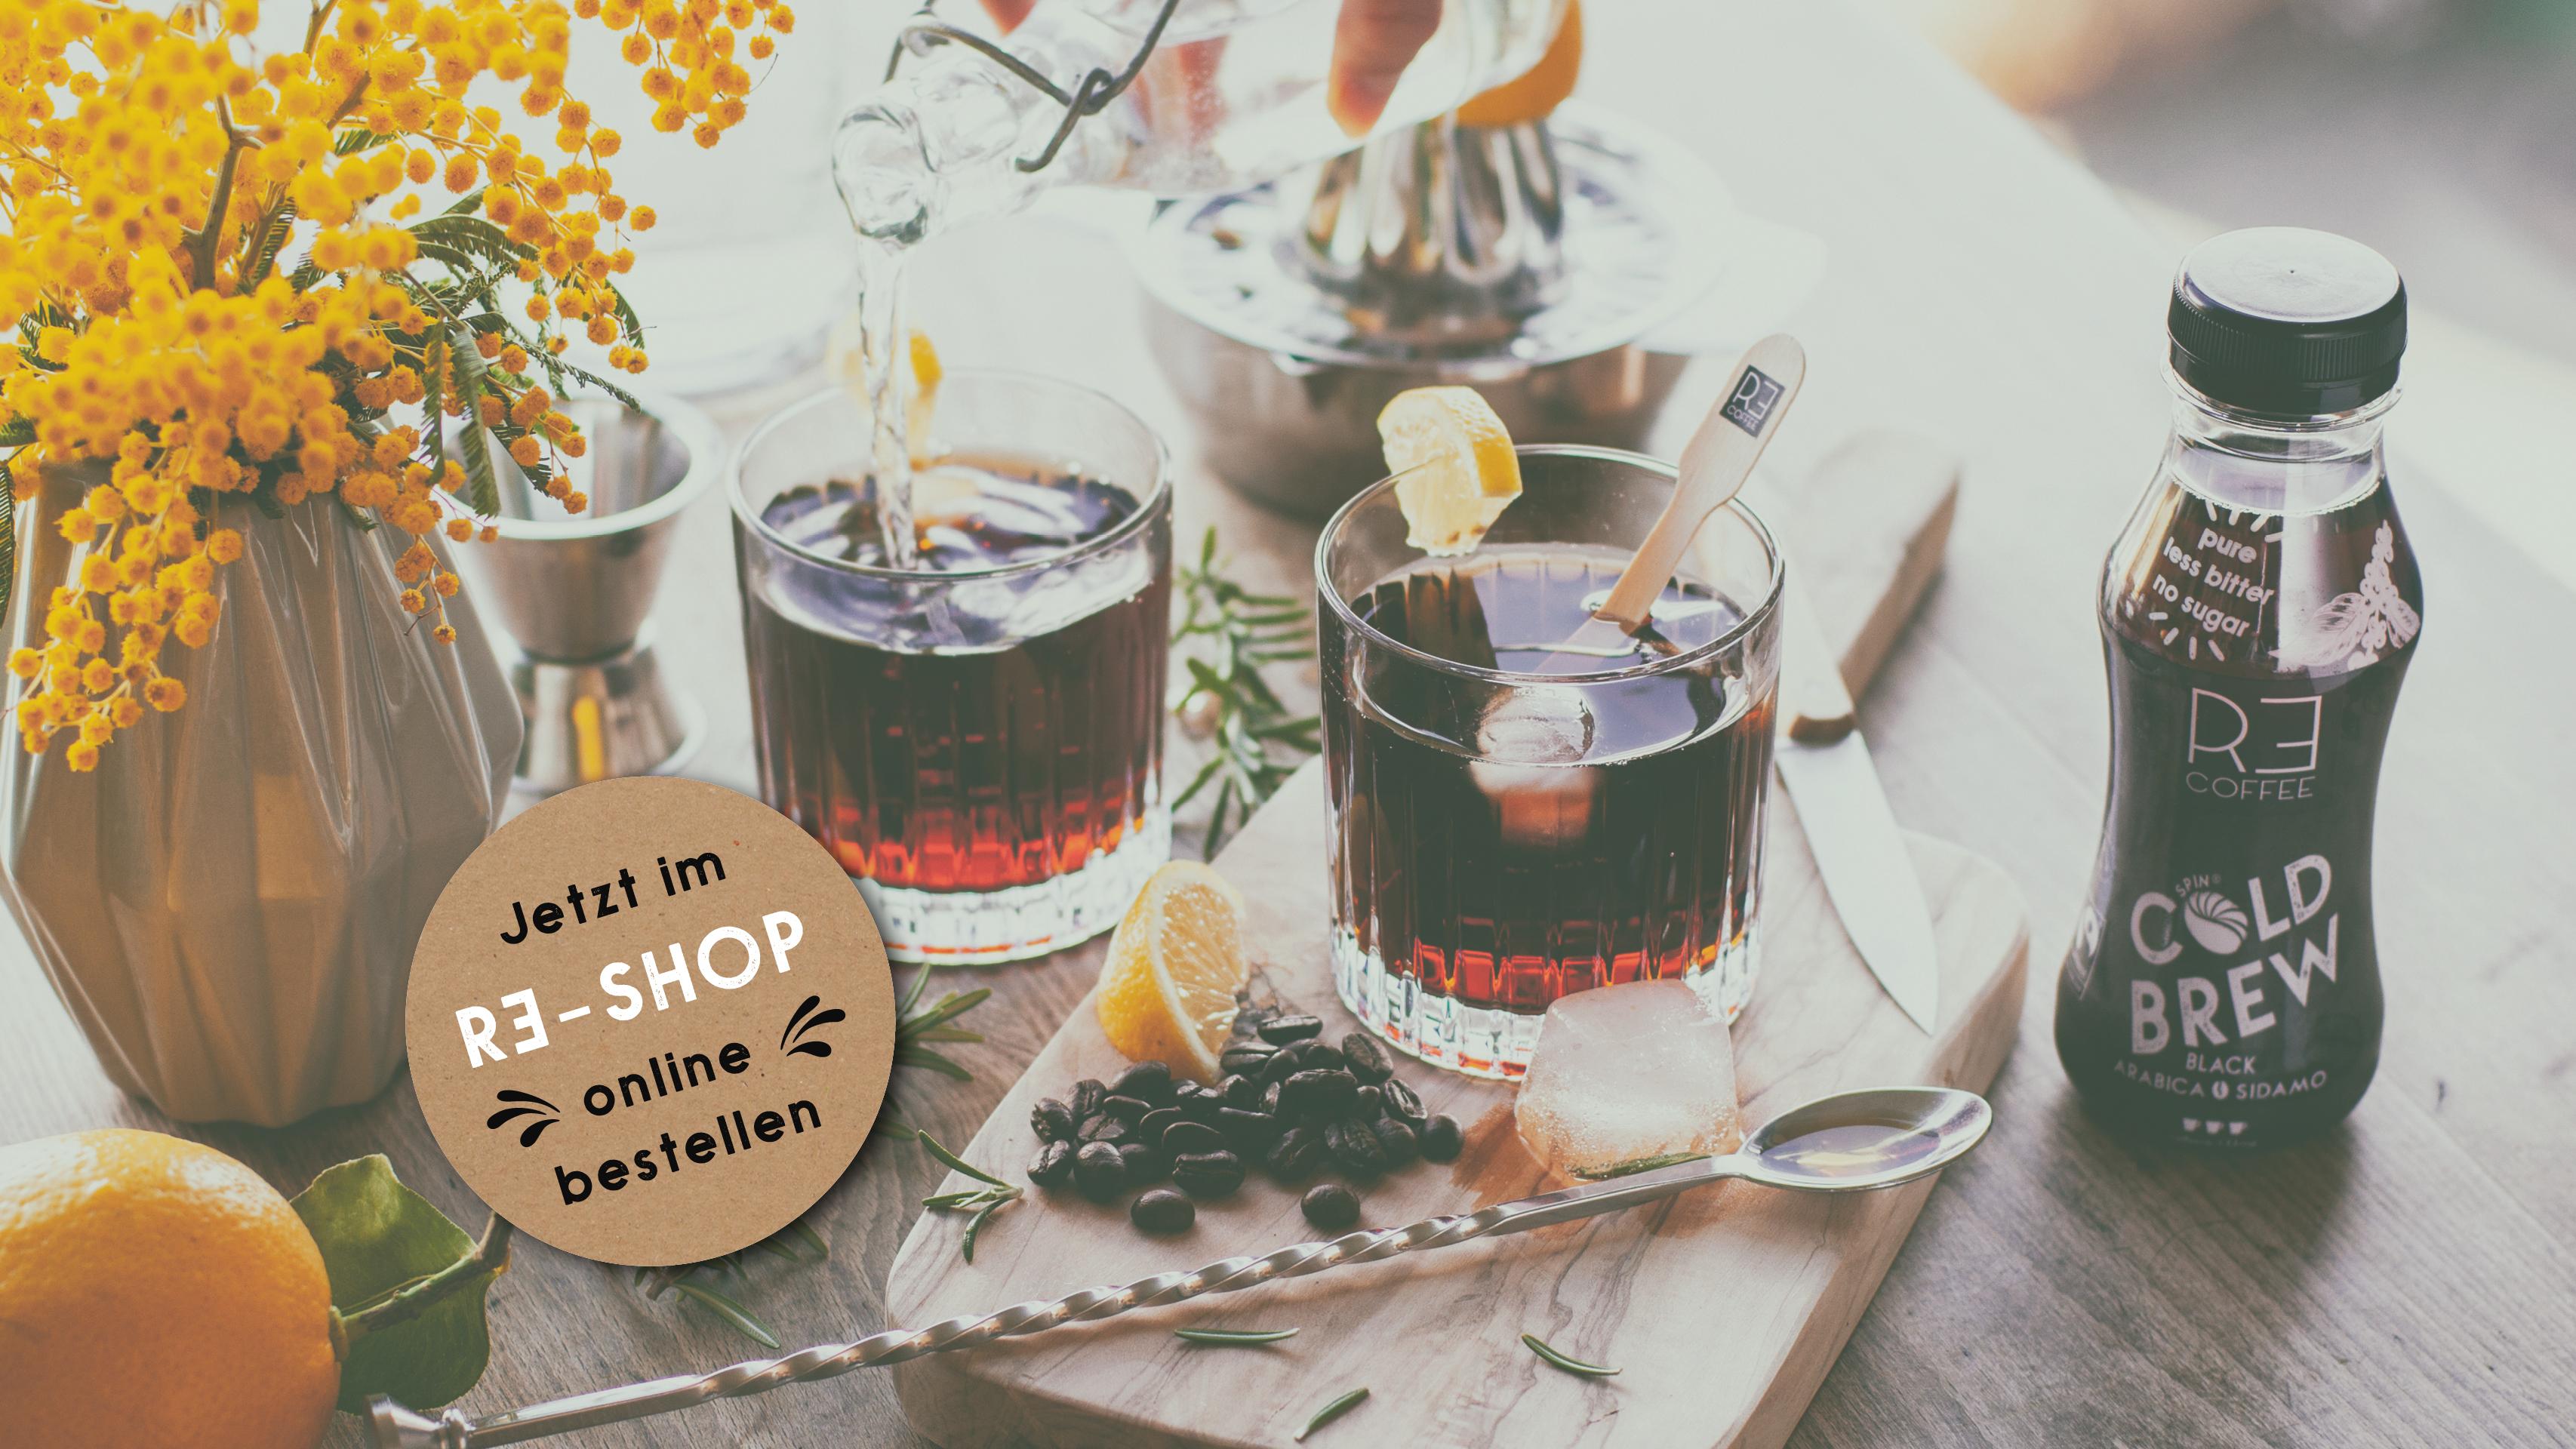 RE-COFFEE Cold Brew Online bestellen